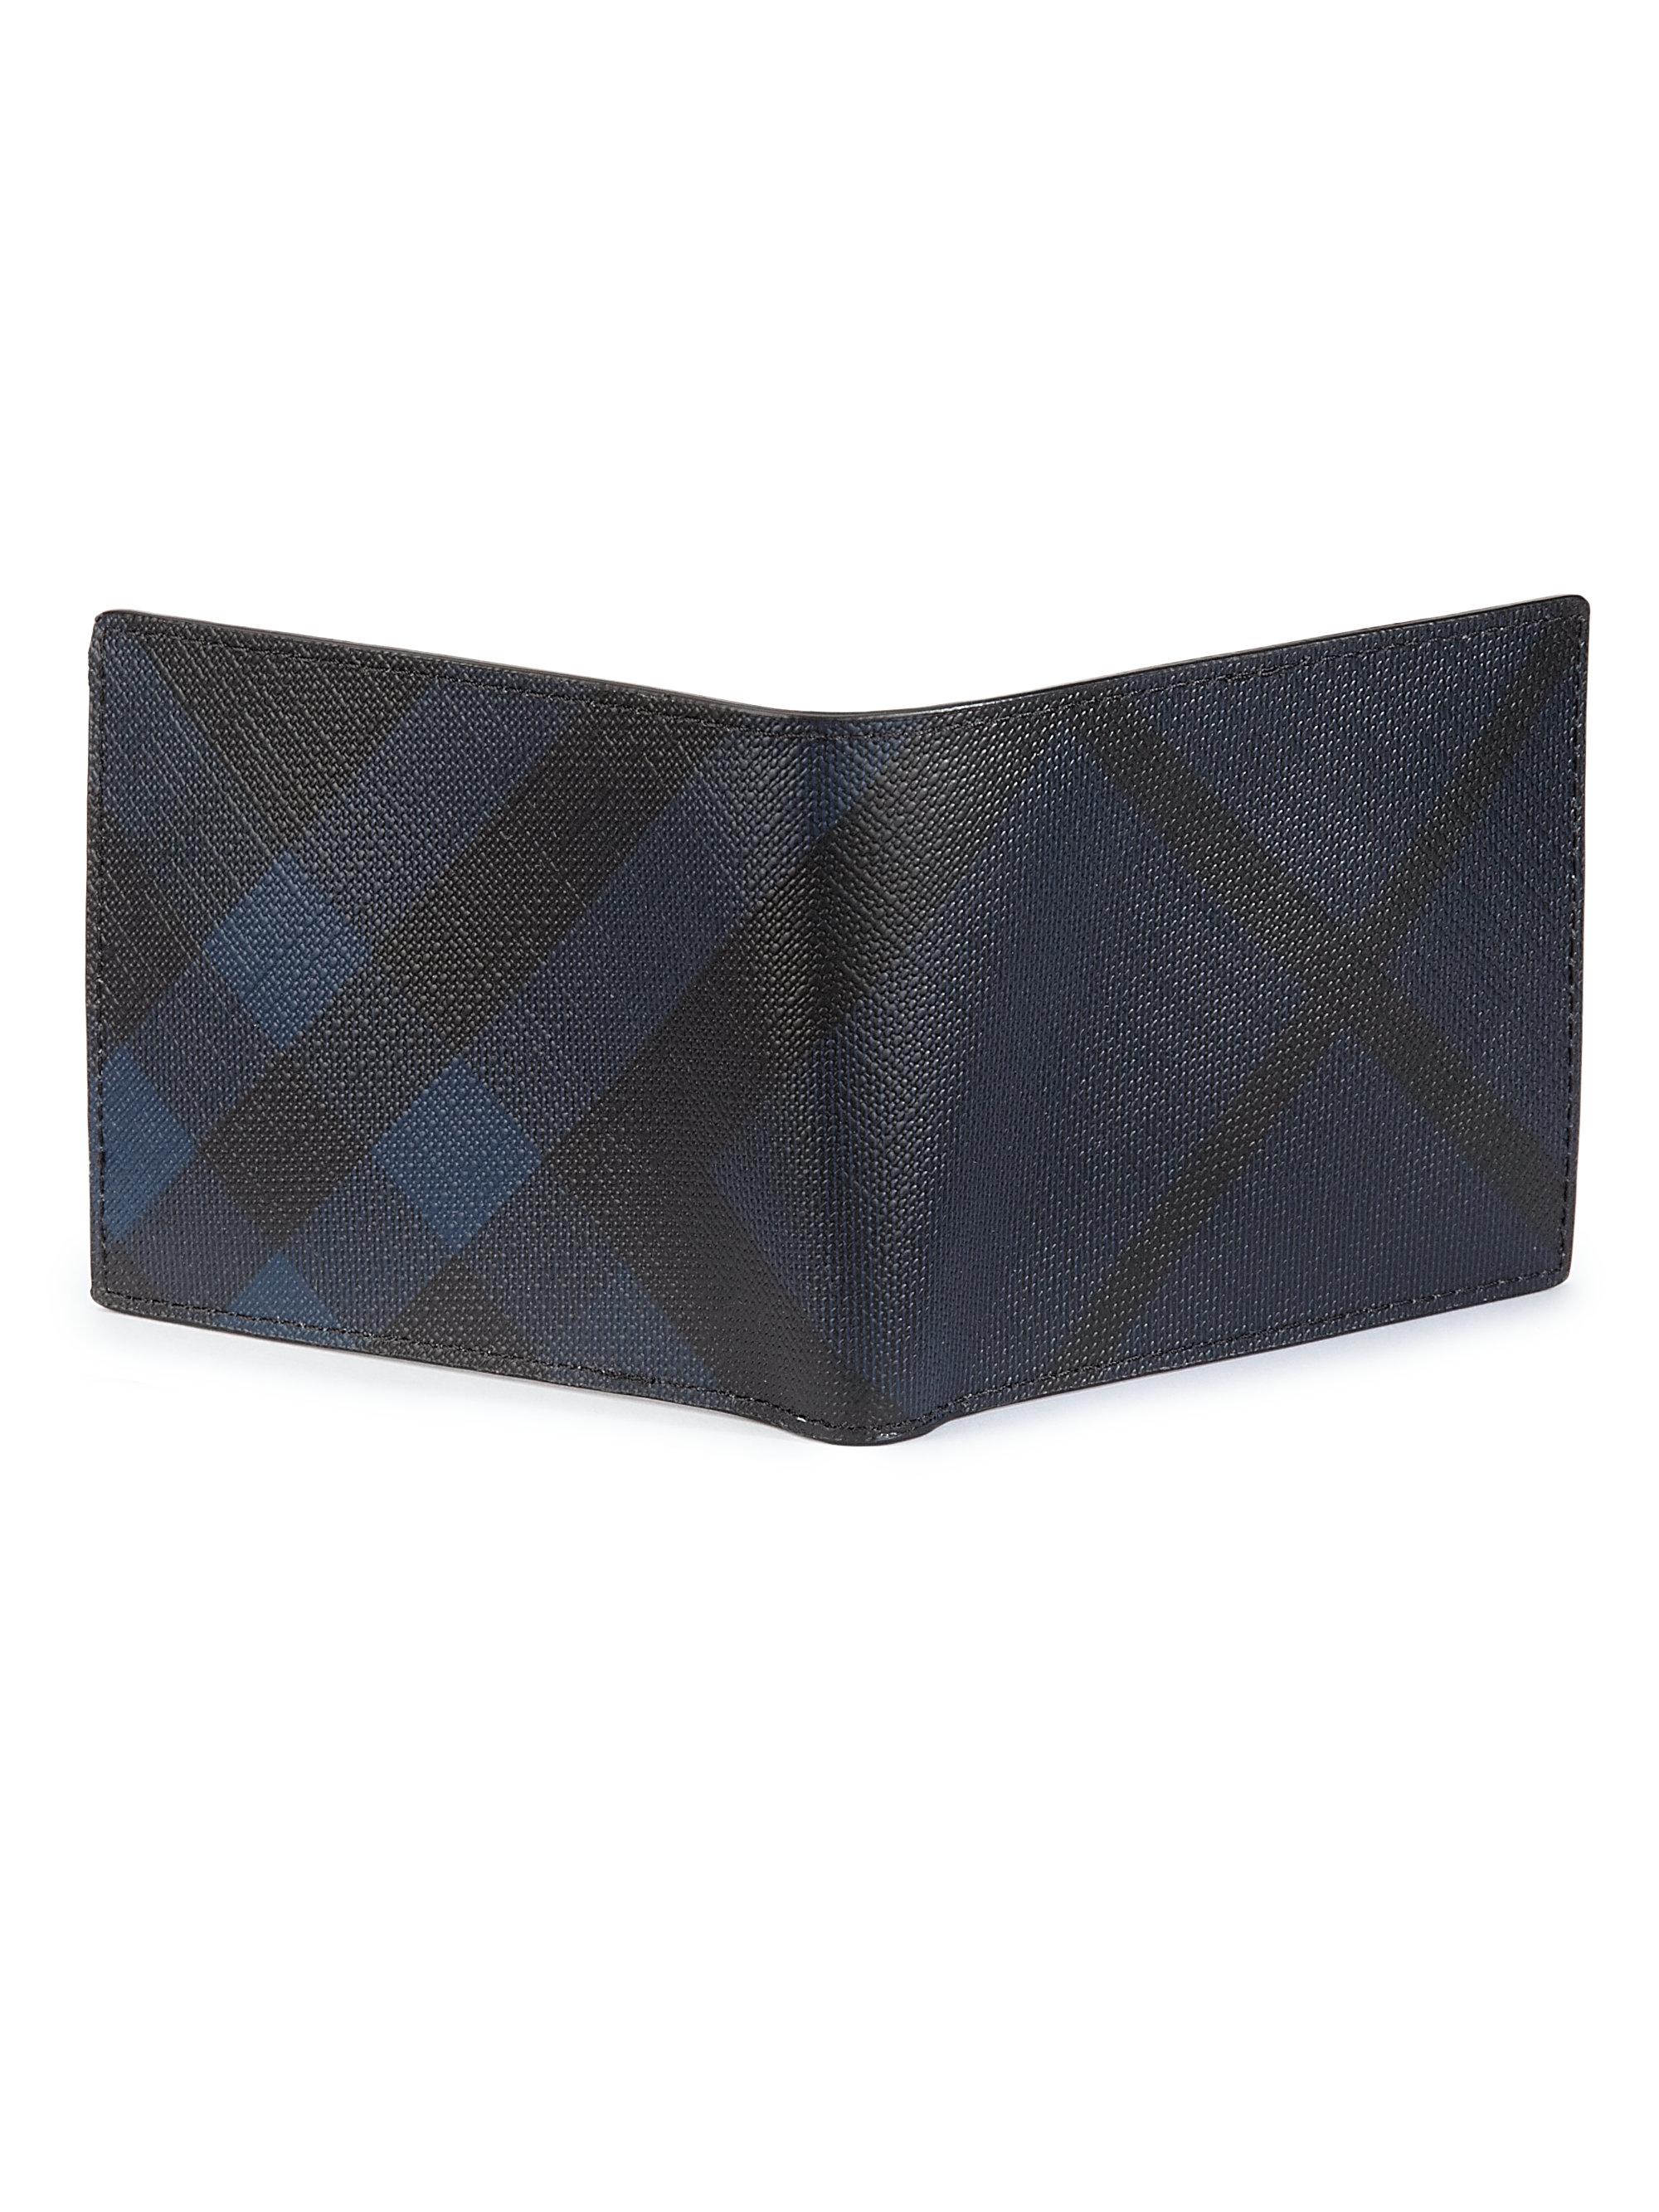 86c933a335d Burberry Blue Men Wallet